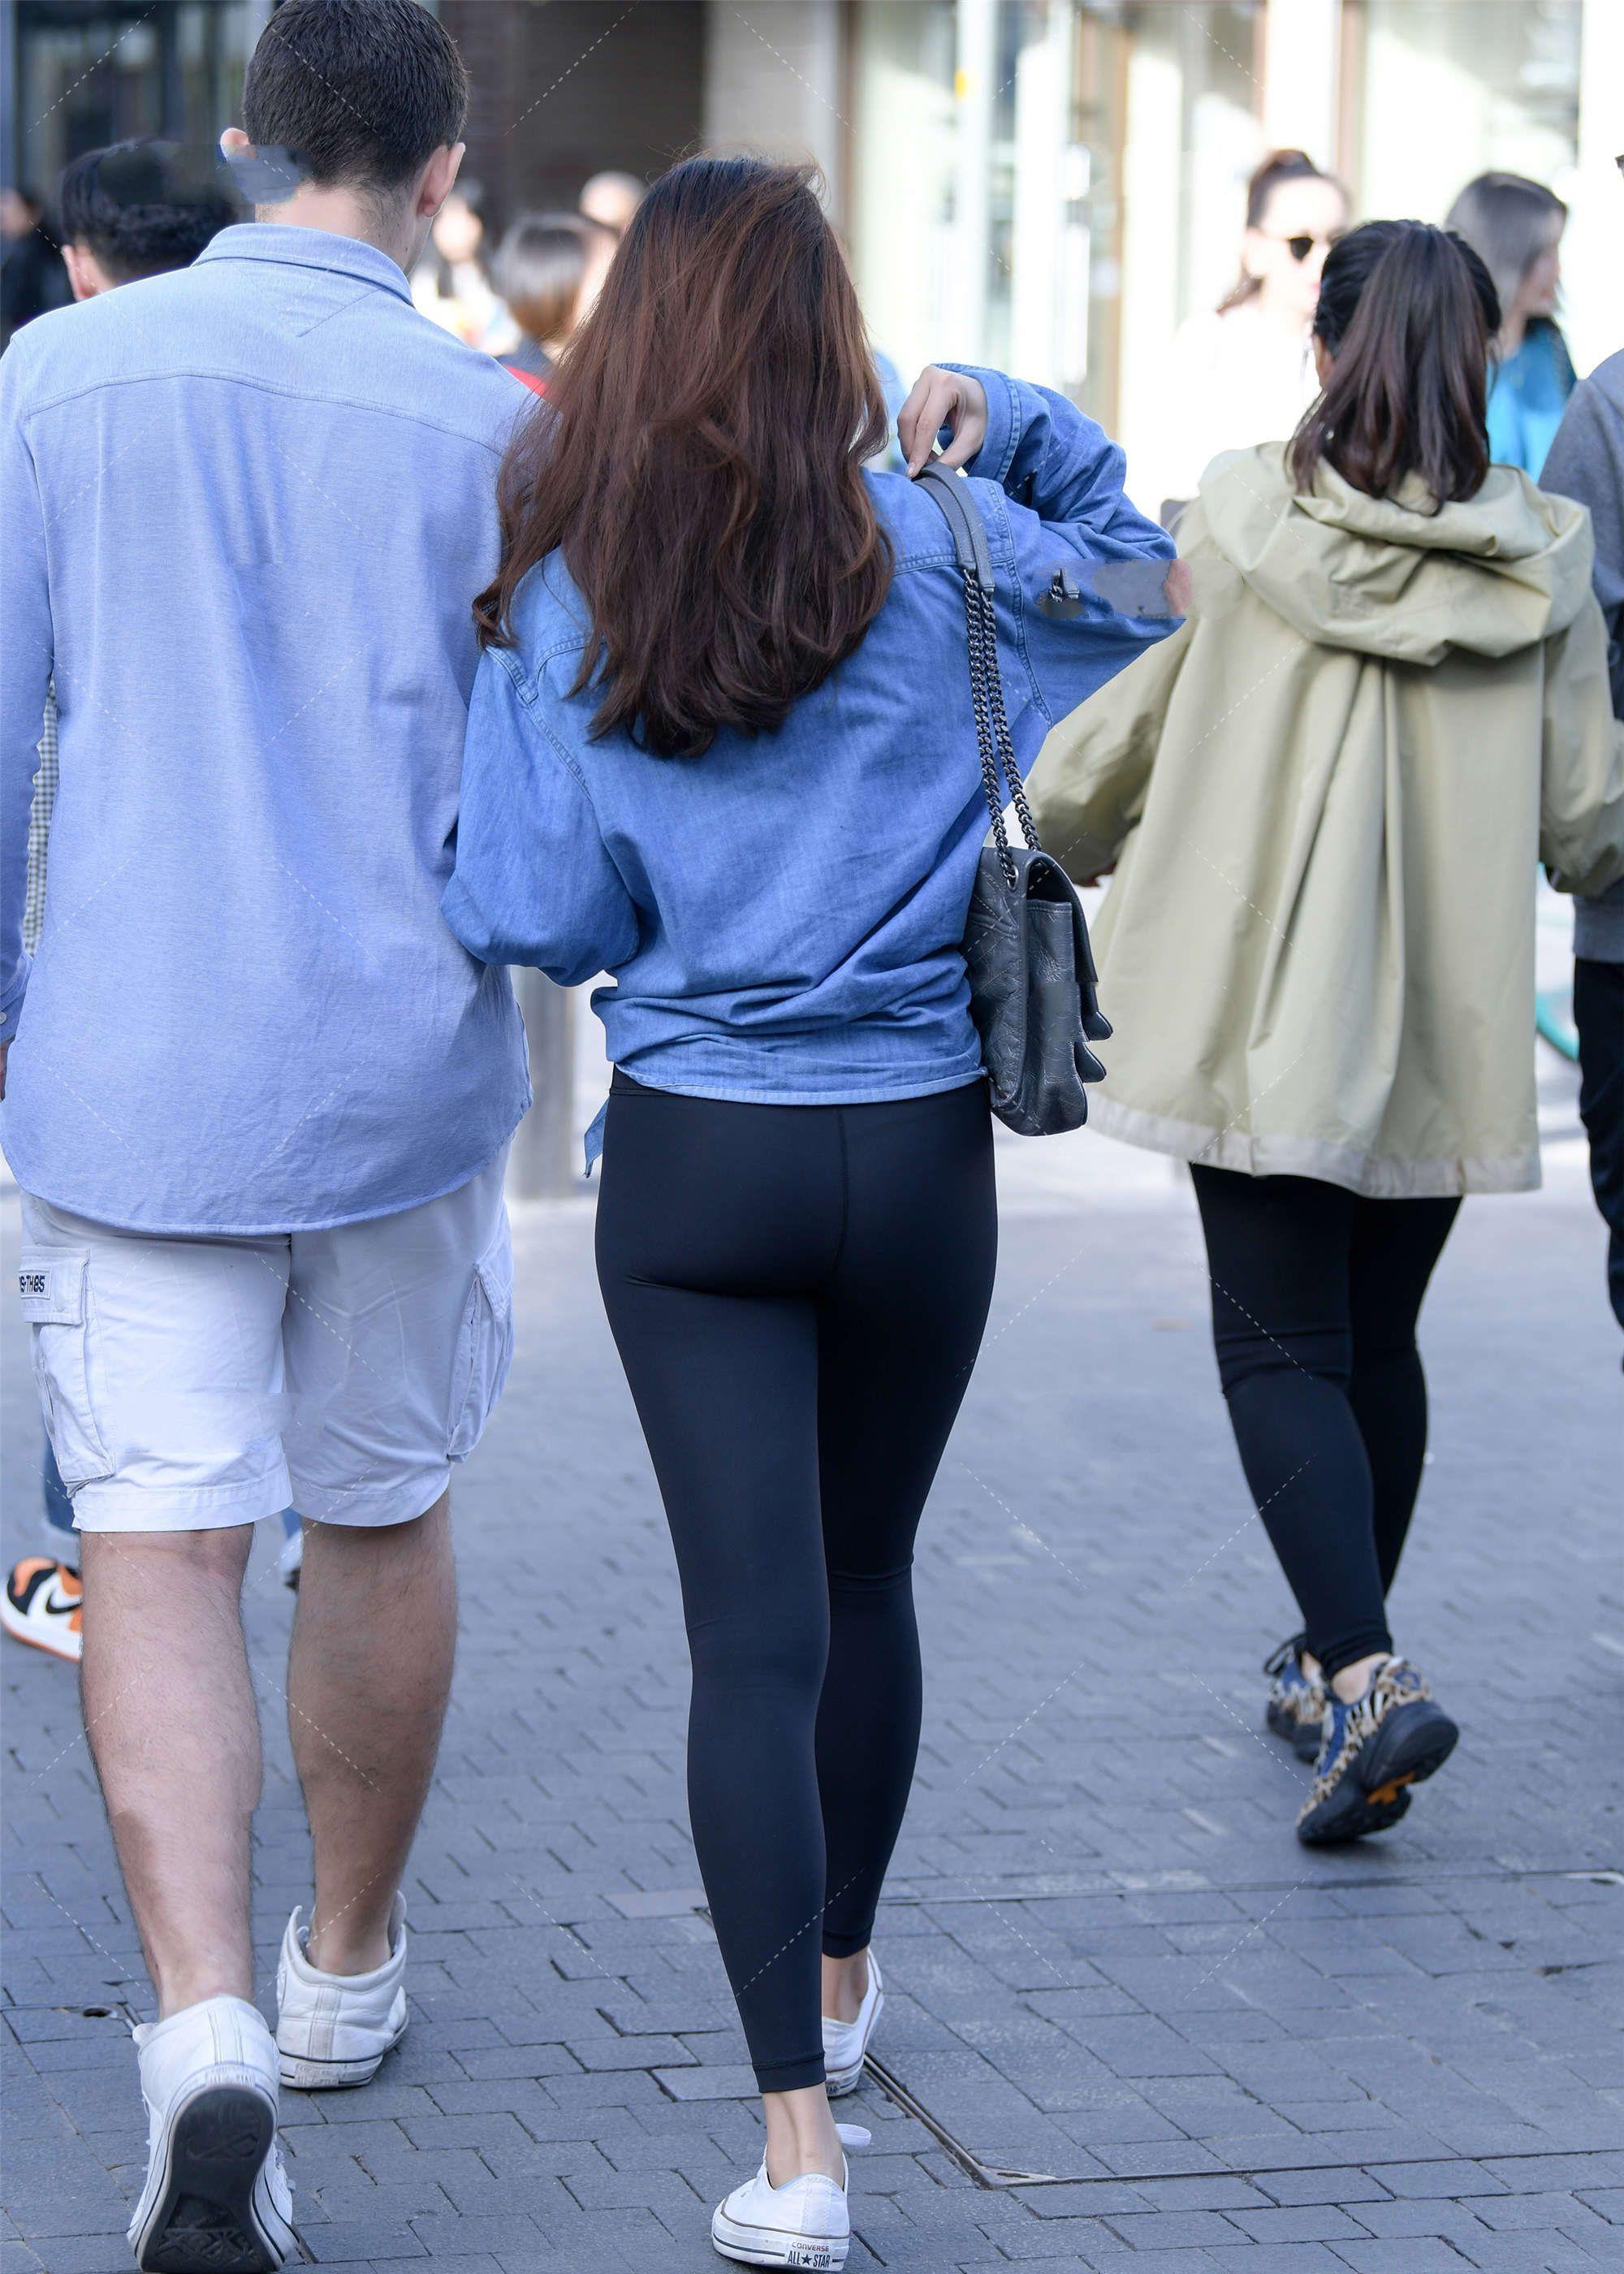 宽松版型牛仔衣搭配黑色紧身小脚裤,时尚又修身,身材紧致又苗条